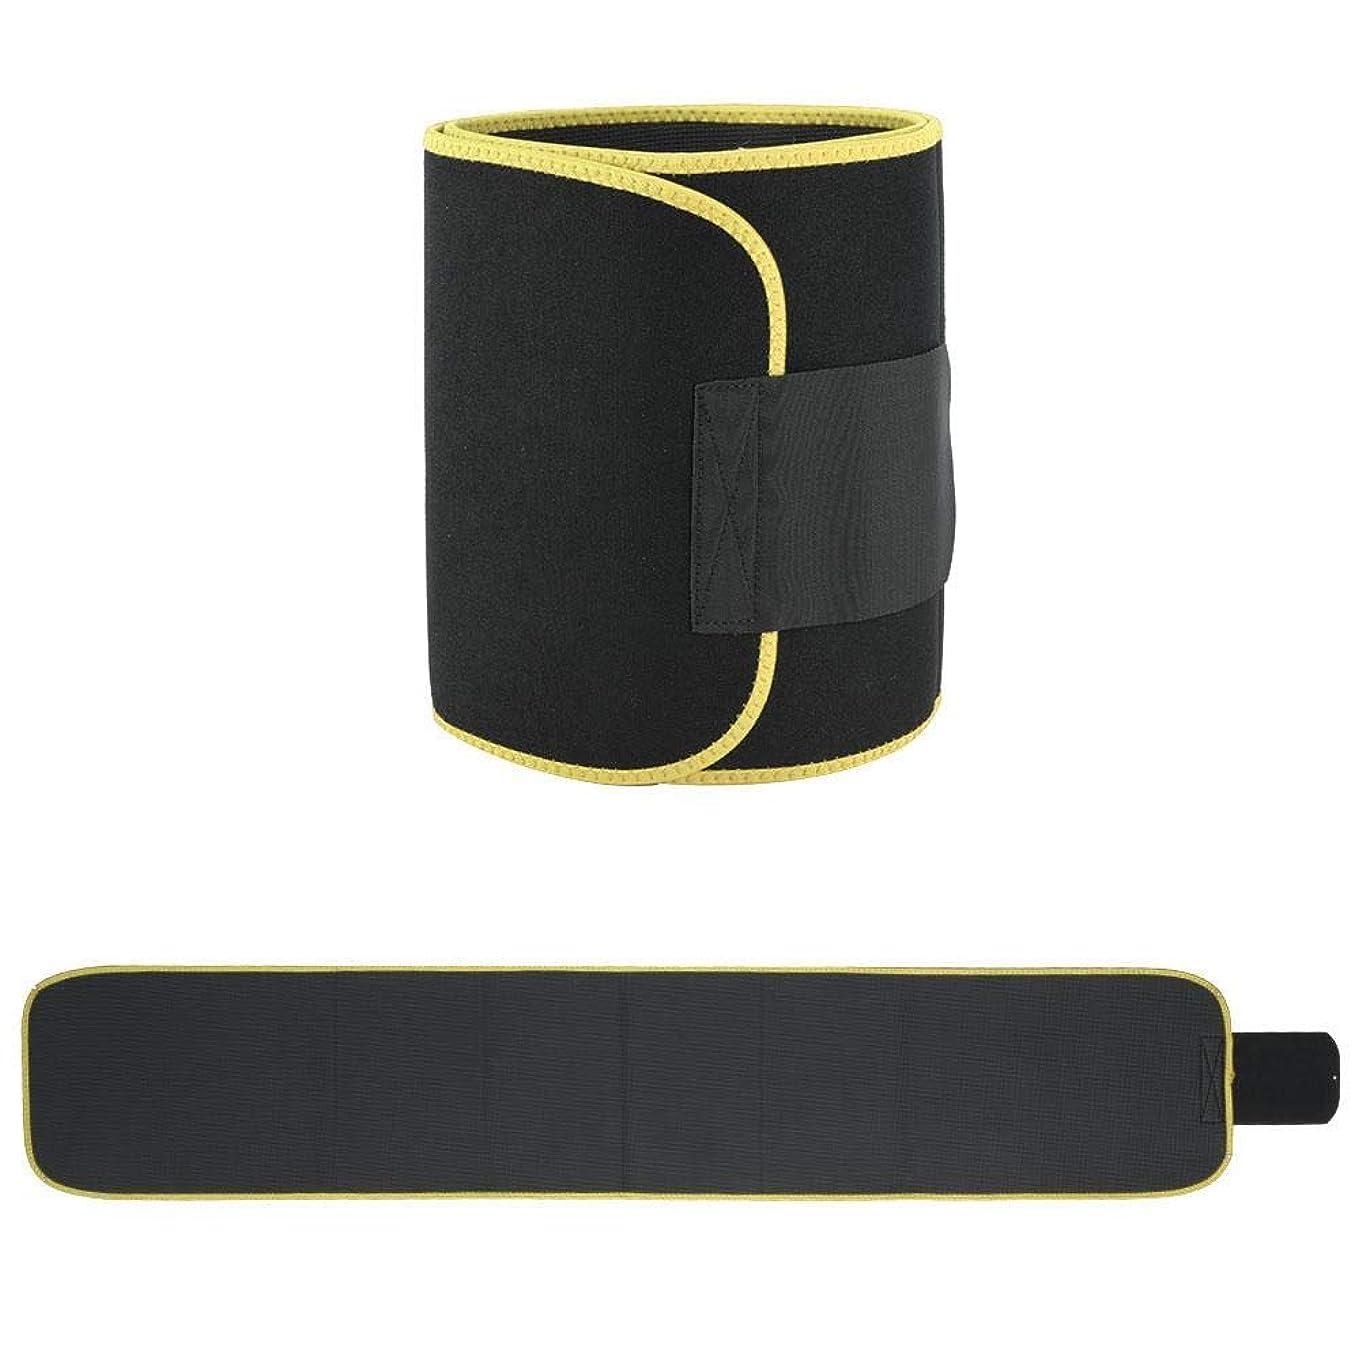 パットスリンク対角線ウエストトリマーベルト 調節可能 軽量 痛み軽減 ボディビルディングウエストベルト フィットネススポーツ ウエストサポート プロテクター スリムボディスウェットラップ